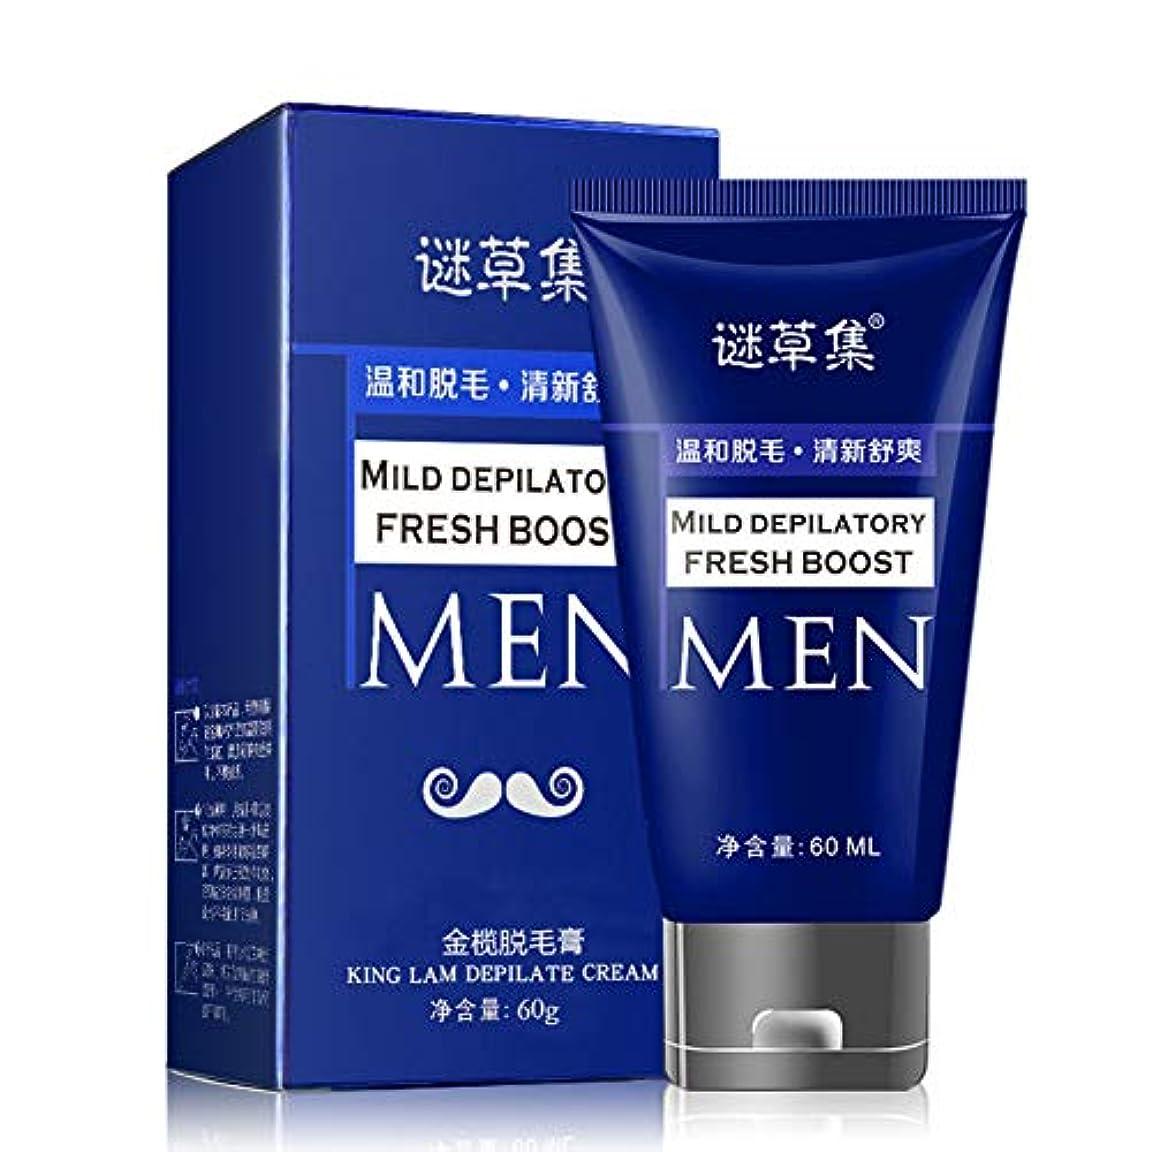 緊張する酔って野ウサギMetermall 60ML脱毛クリーム脱毛腕のアームの脚の毛の痛みは、男性の美容スパのために削除